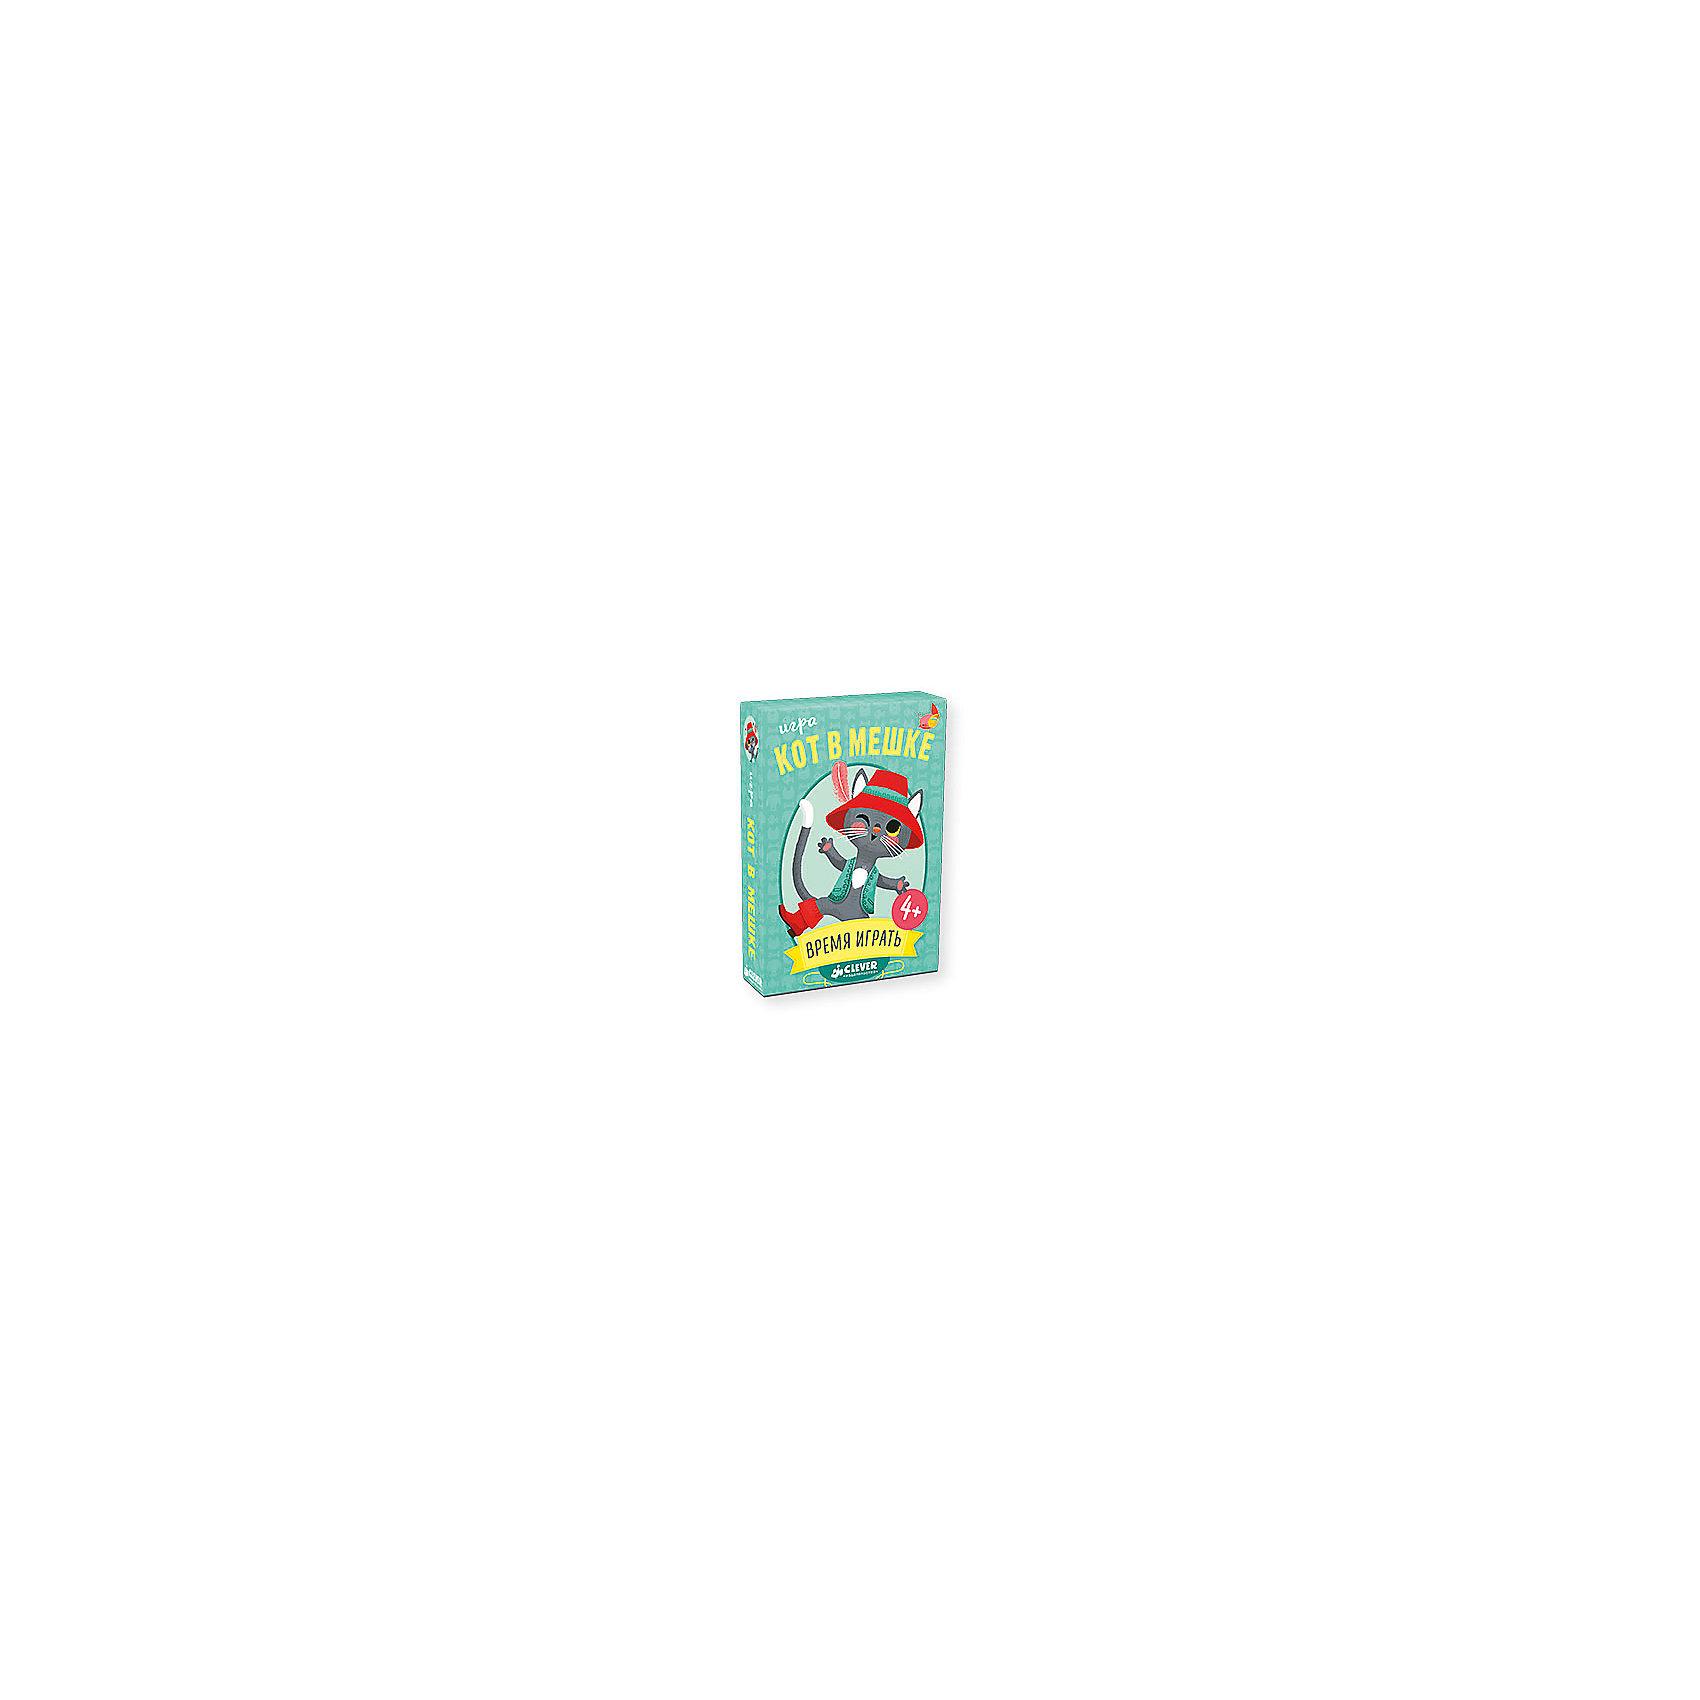 Игра Кот в мешке, Время играть!Развивающие игры<br>Характеристики:<br><br>• Вид игр: обучающие, развивающие<br>• Серия: Настольные игры<br>• Пол: универсальный<br>• Количество игроков: от 3-х до 4-х человек<br>• Длительность сеанса: до 20 минут<br>• Материал: мелованная бумага, картон<br>• Комплектация: 39 карт, инструкция с правилами игры<br>• Размеры упаковки (Д*Ш*В): 12,5*2*8,5 см<br>• Тип упаковки: картонная коробка<br>• Вес в упаковке: 172 г<br><br>Игра Кот в мешке, Время играть! выпущена отечественным издательством Clever, которое специализируется на выпуске обучающей и развивающей детской литературы. Настольная игра  предназначена для веселого времяпрепровождения от 3-х до 4-х человек, при этом играть в нее могут как дети, так и взрослые. Игра состоит из 39 карточек с изображением животных. <br><br>Задача игроков заключается в том, чтобы как можно быстрее соперников сбросить парные карты, не оставив при этом у себя карту кот в мешке. Карты выполнены из мелованной бумаги, изображения и надписи выполнены устойчивыми красками, благодаря чему игра прослужит длительное время. Игра Кот в мешке, Время играть! направлена на развитие скорости реакции, внимательности и памяти. Настольная игра имеет компактный размер, поэтому ее удобно брать с собой в поездки и путешествия.<br><br>Игру Кот в мешке, Время играть! можно купить в нашем интернет-магазине.<br><br>Ширина мм: 125<br>Глубина мм: 85<br>Высота мм: 20<br>Вес г: 172<br>Возраст от месяцев: 84<br>Возраст до месяцев: 132<br>Пол: Унисекс<br>Возраст: Детский<br>SKU: 5348098